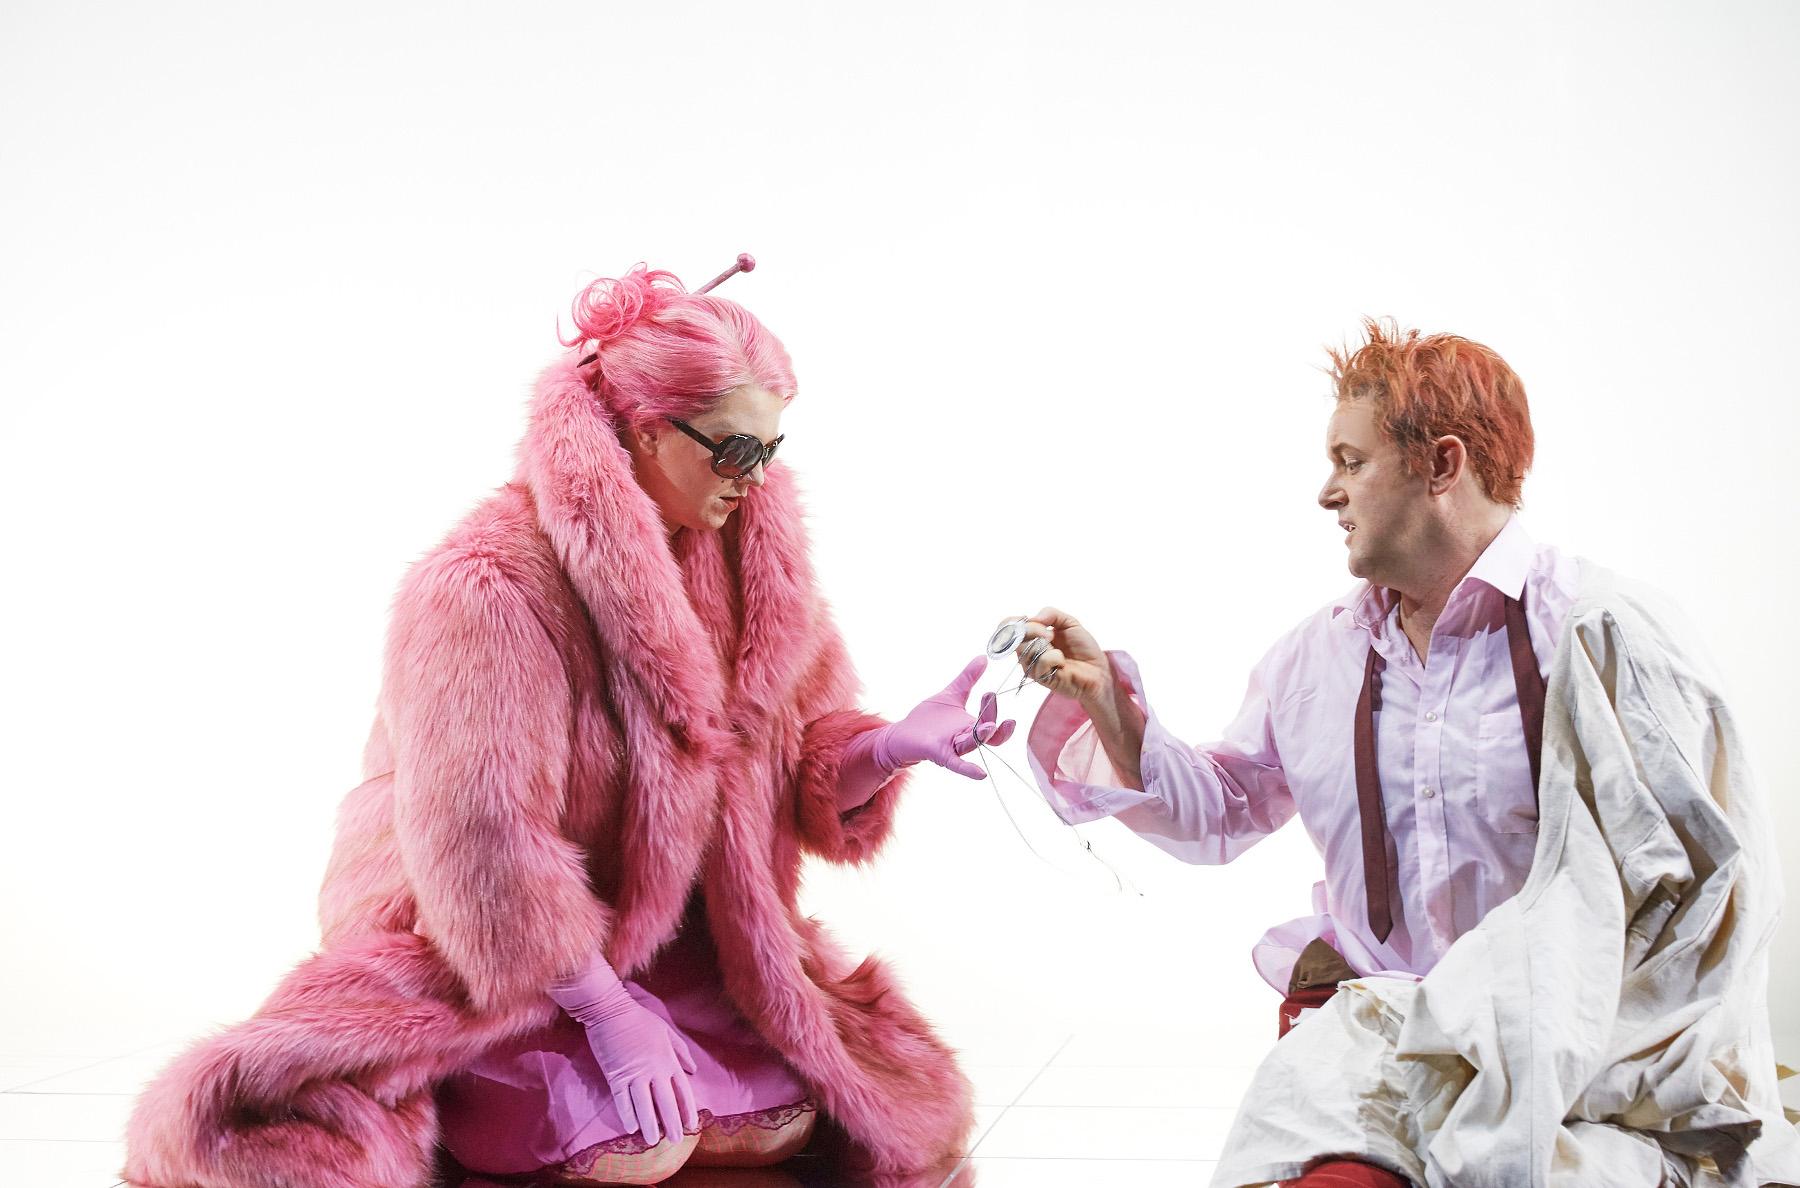 """So turteln eine Prinzessin in Pink (Menna Cazel) und ein Rebell in Zwangsjacke (Martin Koch), """"R. Hot bzw. Die Hitze"""" von Friedrich Goldmann an der Semperoper Dresden, Foto: Nik Schölzel"""